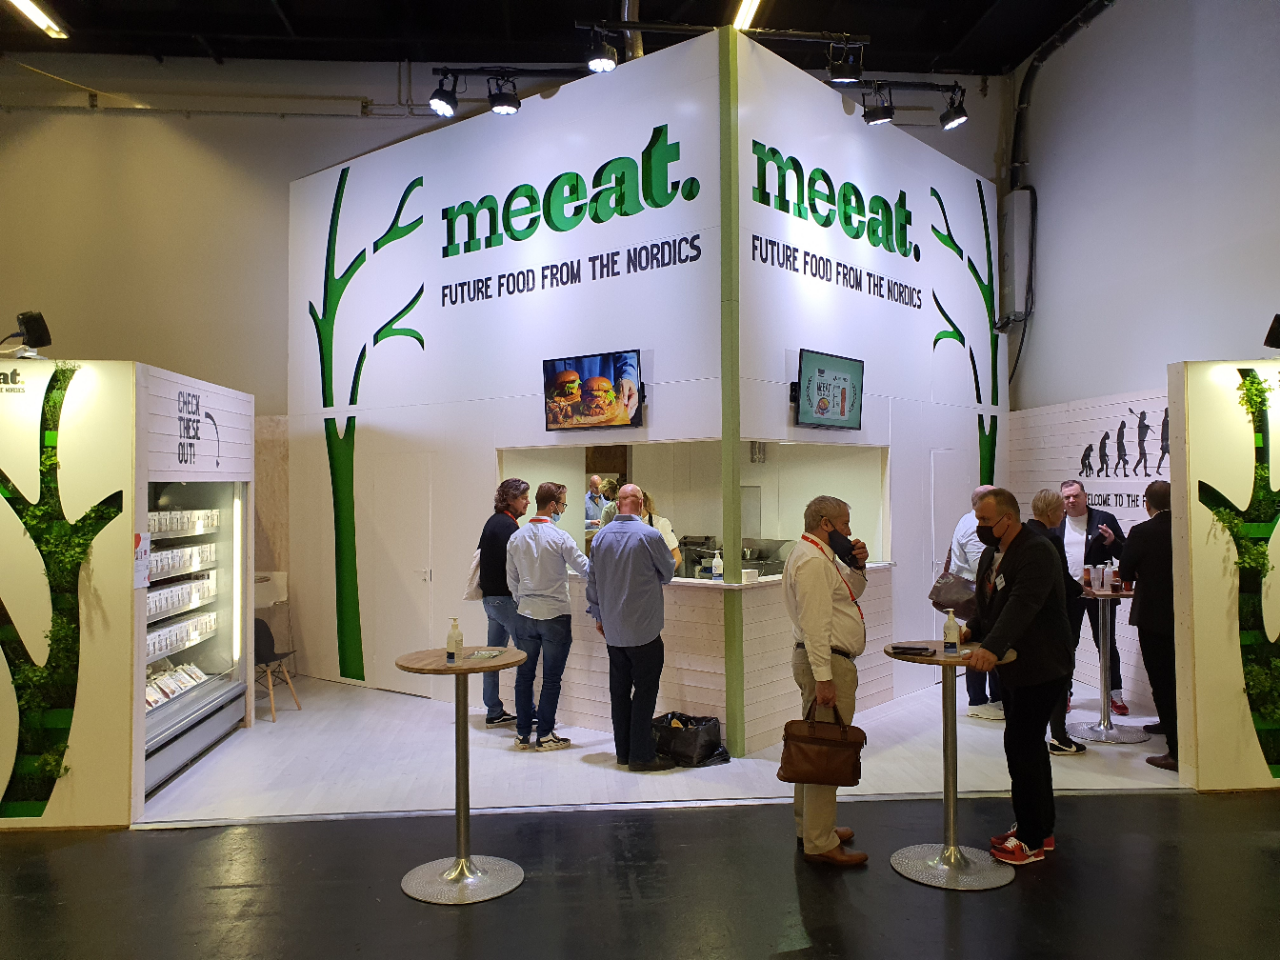 Meeat Food